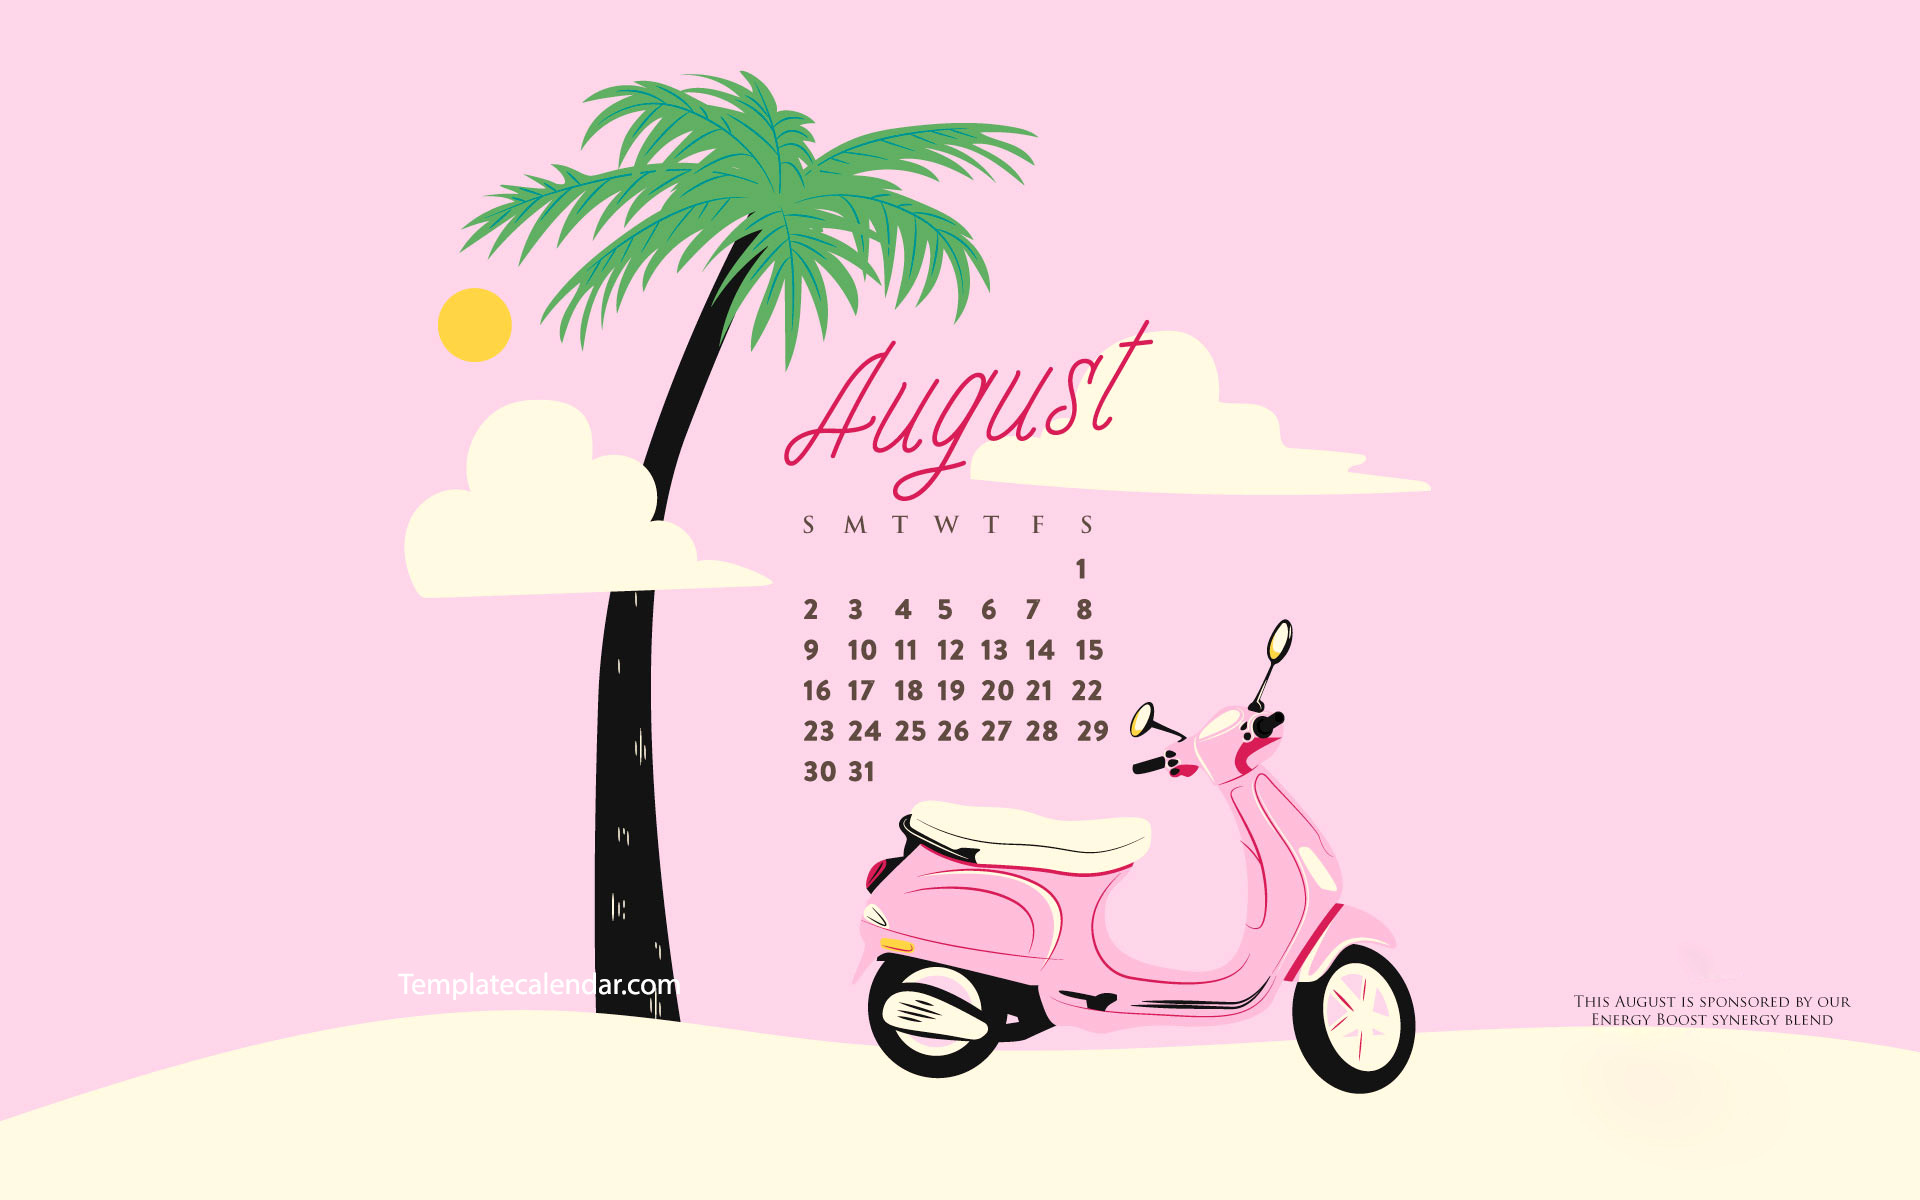 Tablet Calendar Wallpaper : July calendar wallpapers ·①